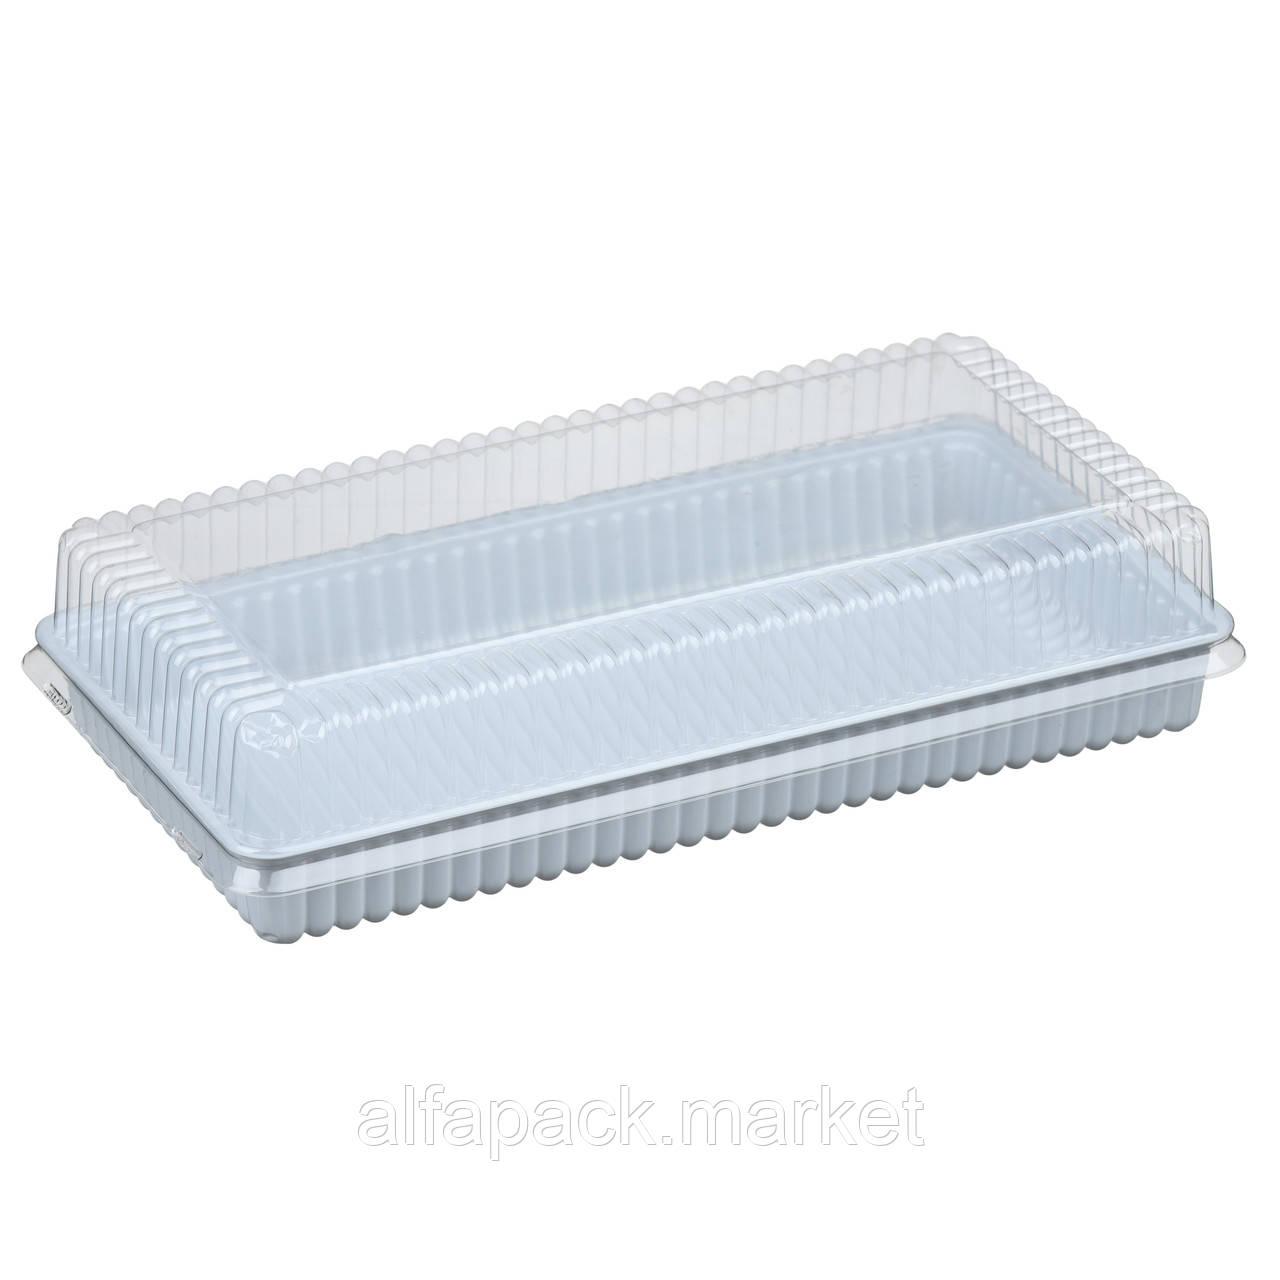 Упаковка для кондитерских изделий ПС-62 (дно+крышка) (300 шт в упаковке) 010100138